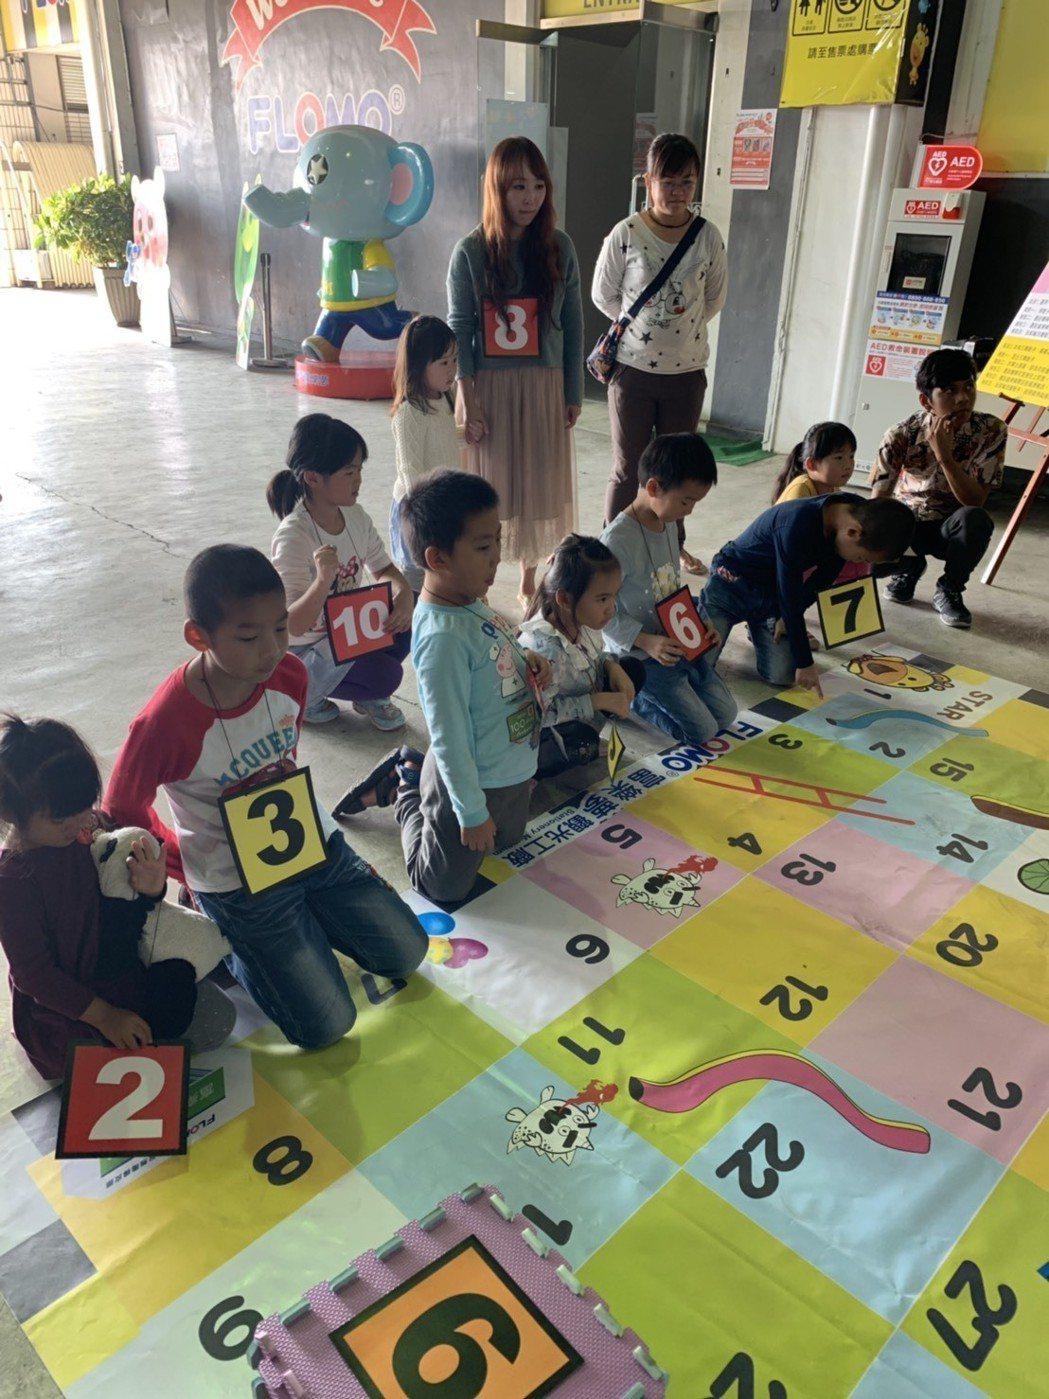 富樂夢觀光工廠台灣童玩區規劃多款精典童玩,蛇梯棋讓孩子從遊戲中輕鬆掌握數字的轉換...